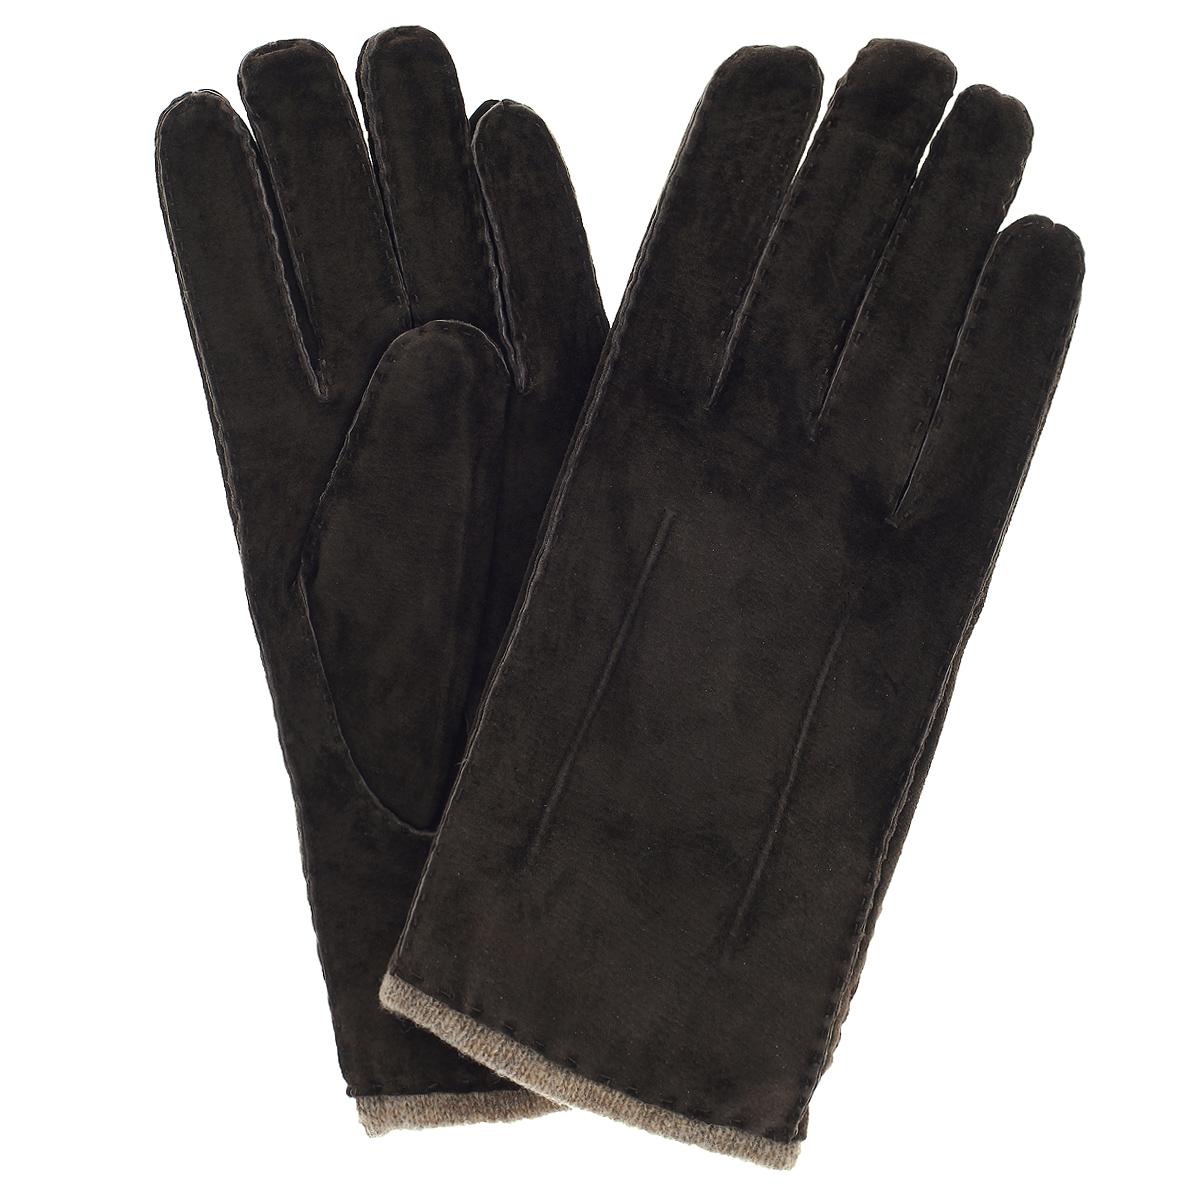 Перчатки мужские Dali Exclusive, цвет: коричневый. SP16_FORK/BRUN. Размер 8,5SP16_FORK/BRUNСтильные мужские перчатки Dali Exclusive не только защитят ваши руки, но и станут великолепным украшением. Перчатки выполнены из чрезвычайно мягкой и приятной на ощупь натуральной замши, а их подкладка - из натуральной шерсти. Перчатки с внешней стороны оформлены декоративными стежками.Модель благодаря своему лаконичному исполнению прекрасно дополнит образ любого мужчины и сделает его более стильным, придав тонкую нотку брутальности. Создайте элегантный образ и подчеркните свою яркую индивидуальность новым аксессуаром!